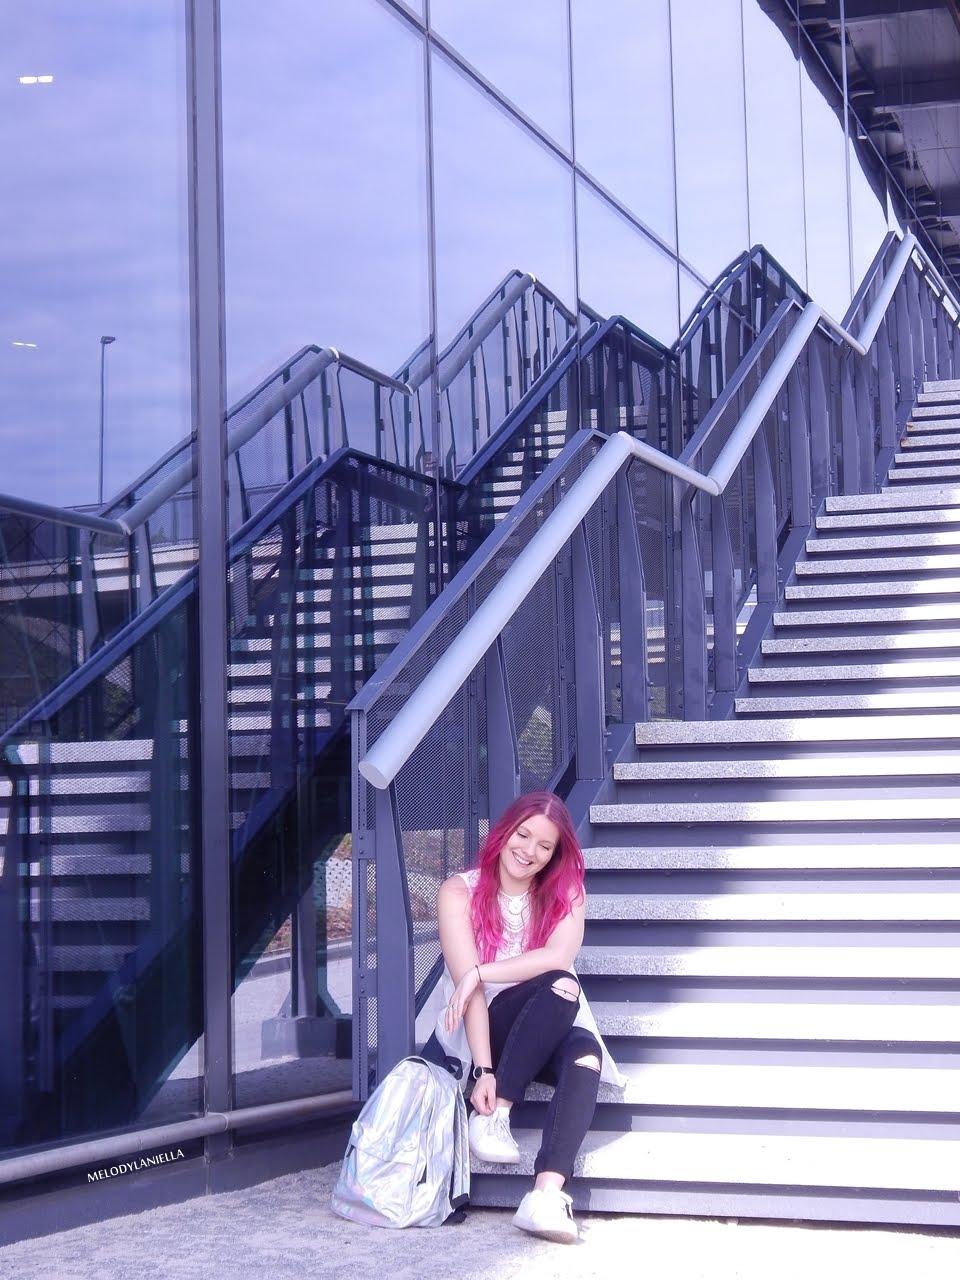 8 holograficzny plecak betterlook.pl farby venita różowe włosy jak pofarbować włosy kolorowe włosy ombre pink hair paul rich watches zegarek czarne jeansy z dziurami modna polka lookbook